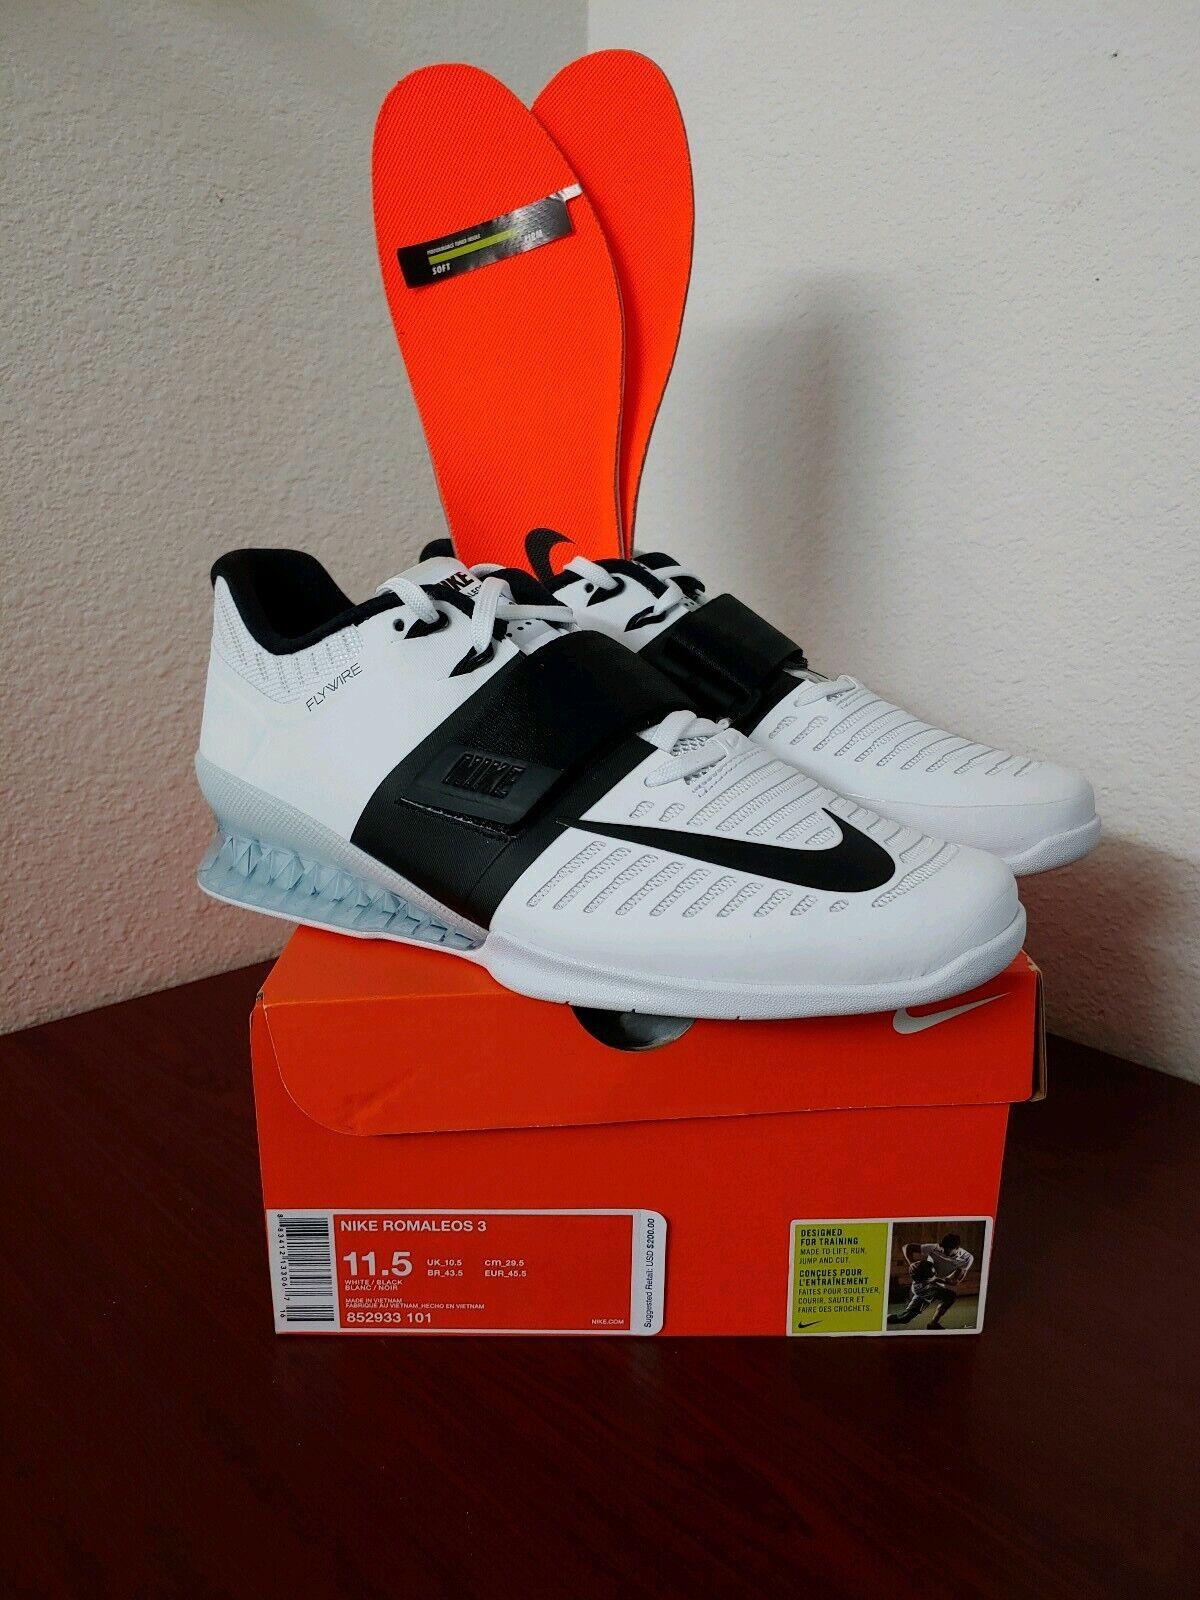 Nike Romaleos 3 Training shoes White Black Men Sz 11.5 (852933-101)